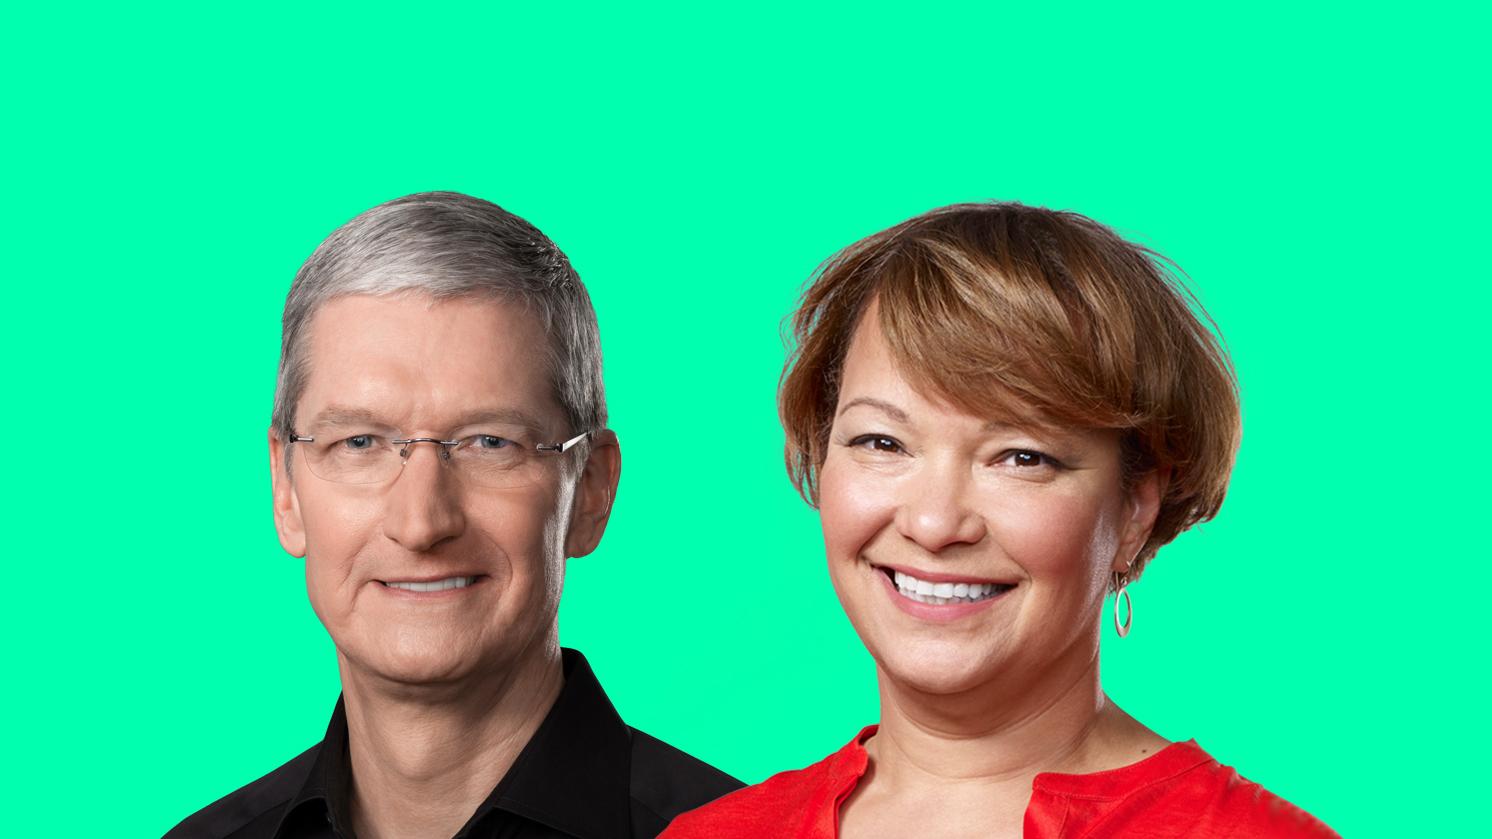 Генеральный директор Apple Тим Кук объявляет об инициативе Лизы Джексон в области расовой справедливости и правосудия на сумму 100 миллионов долларов